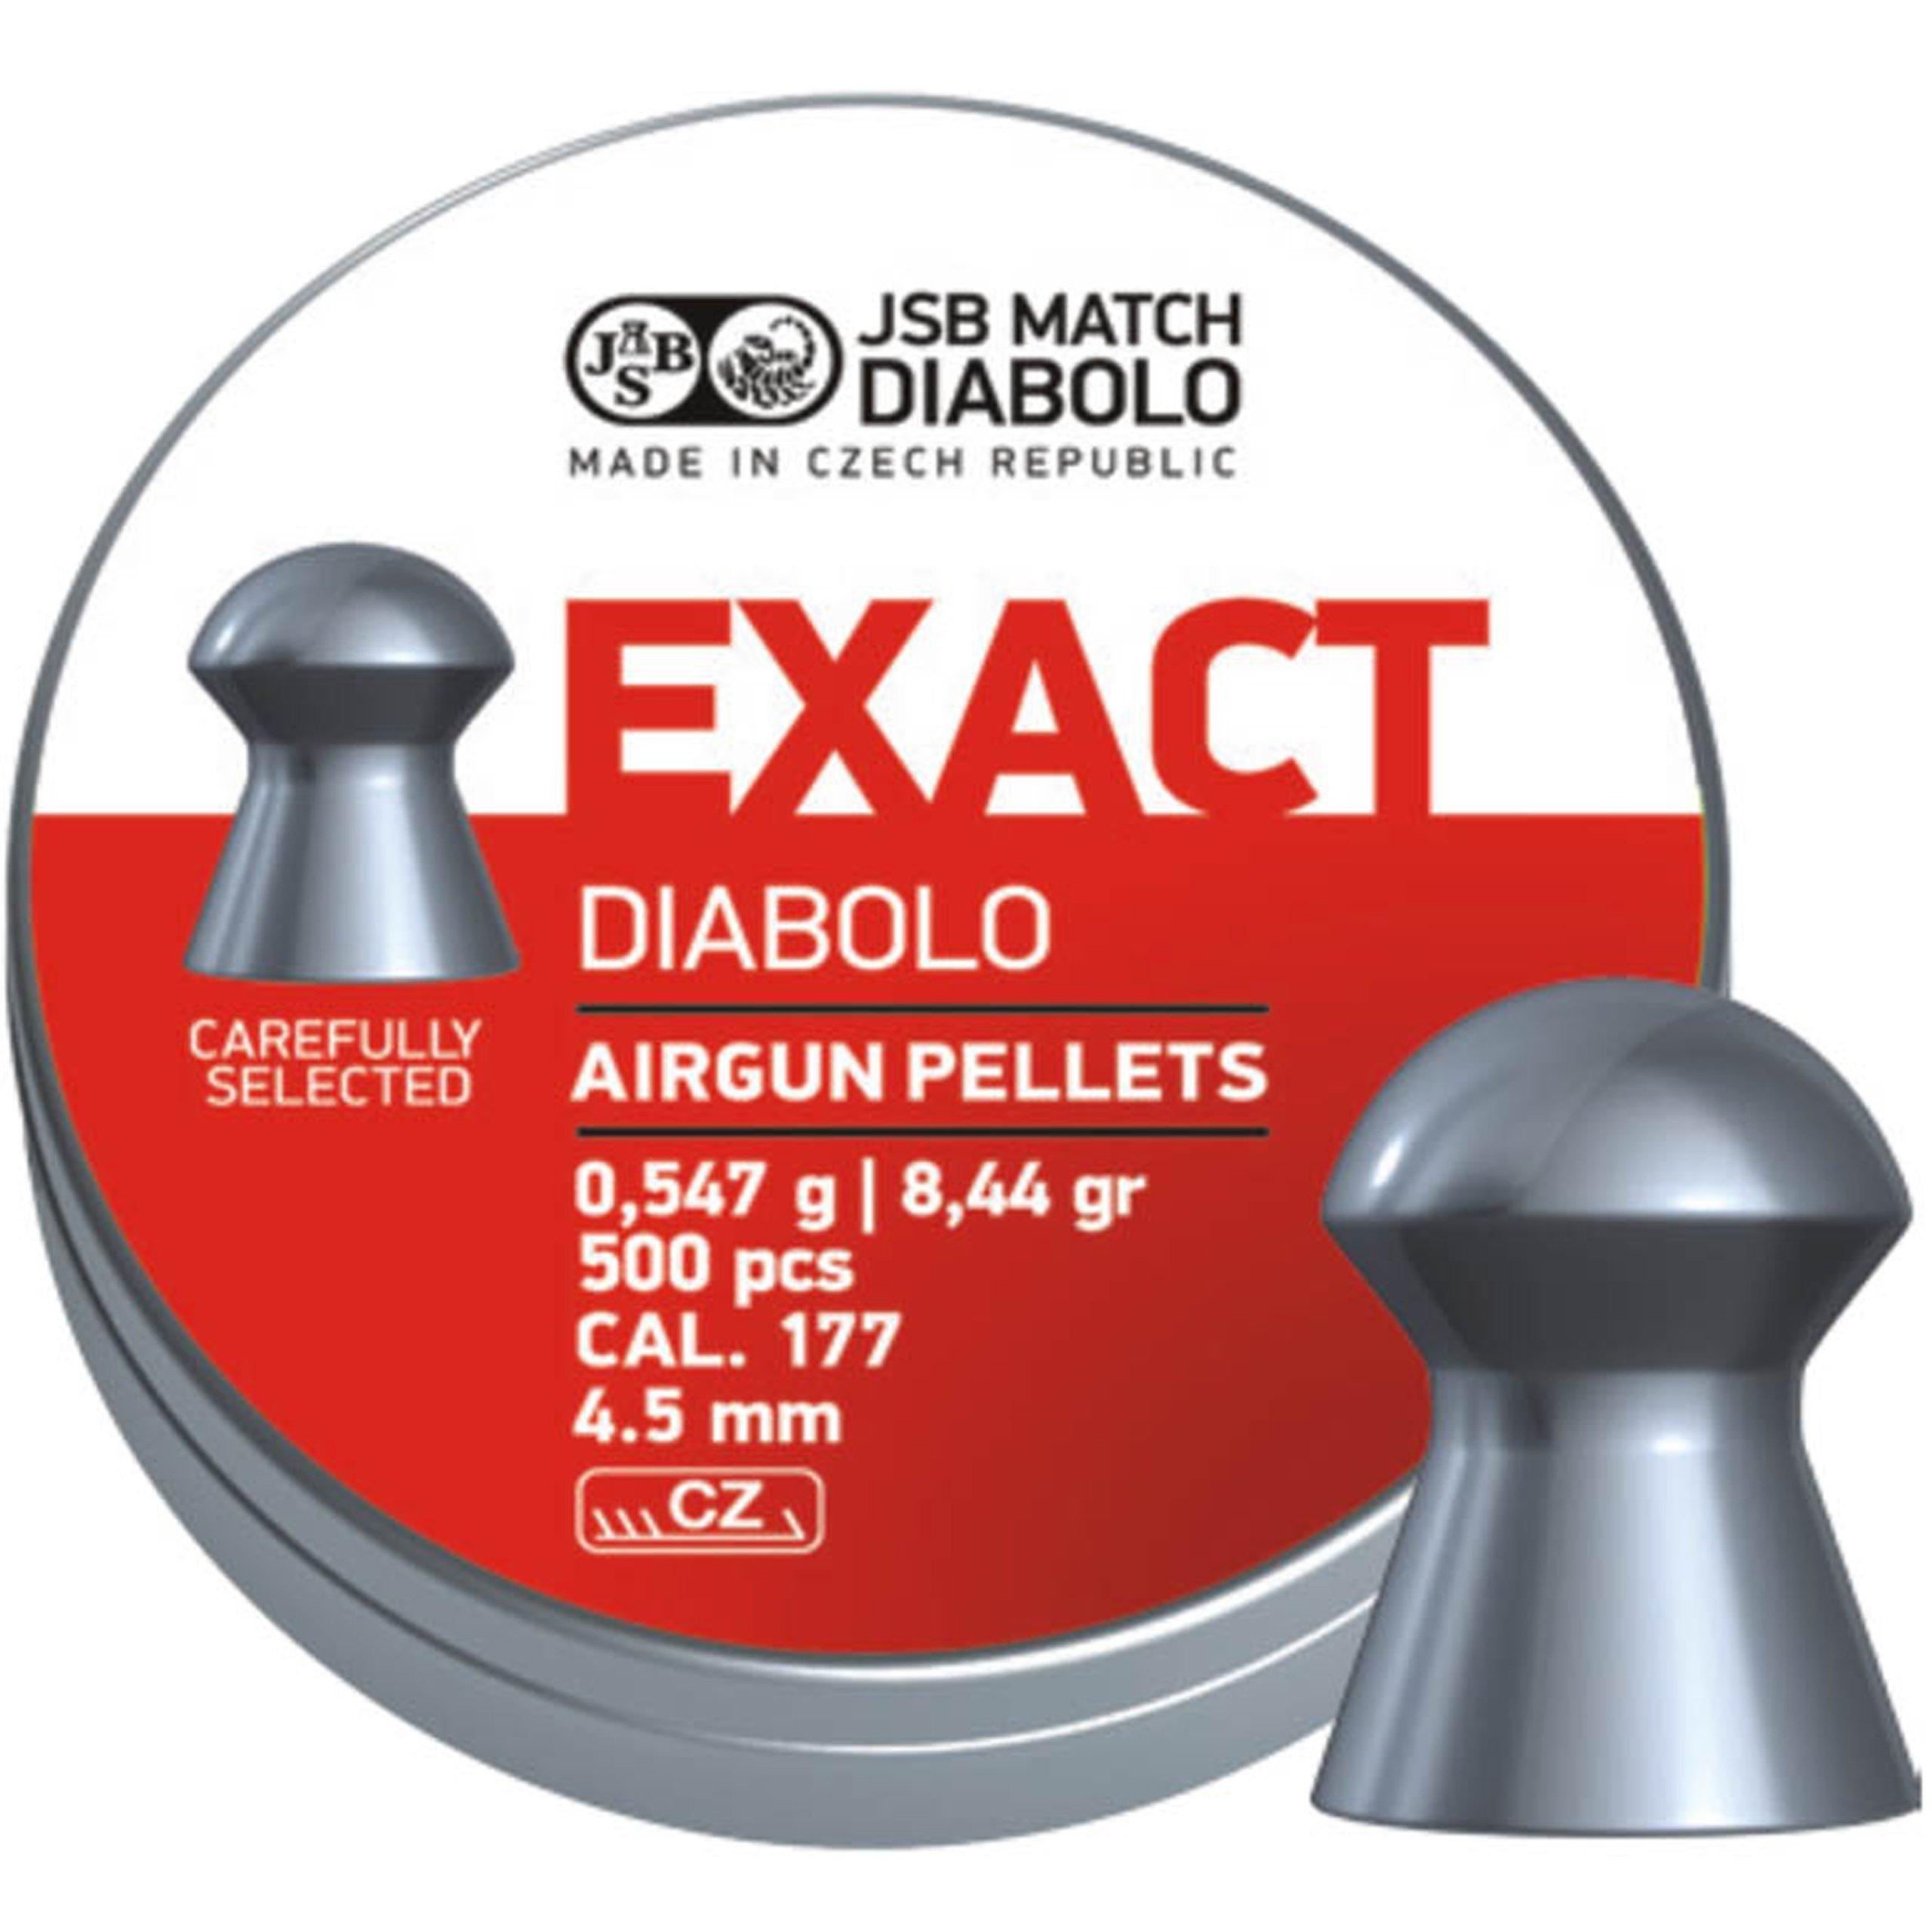 ŚRUT DIABOLO JSB EXACT 4 5mm 4 50 precyzyjny celny